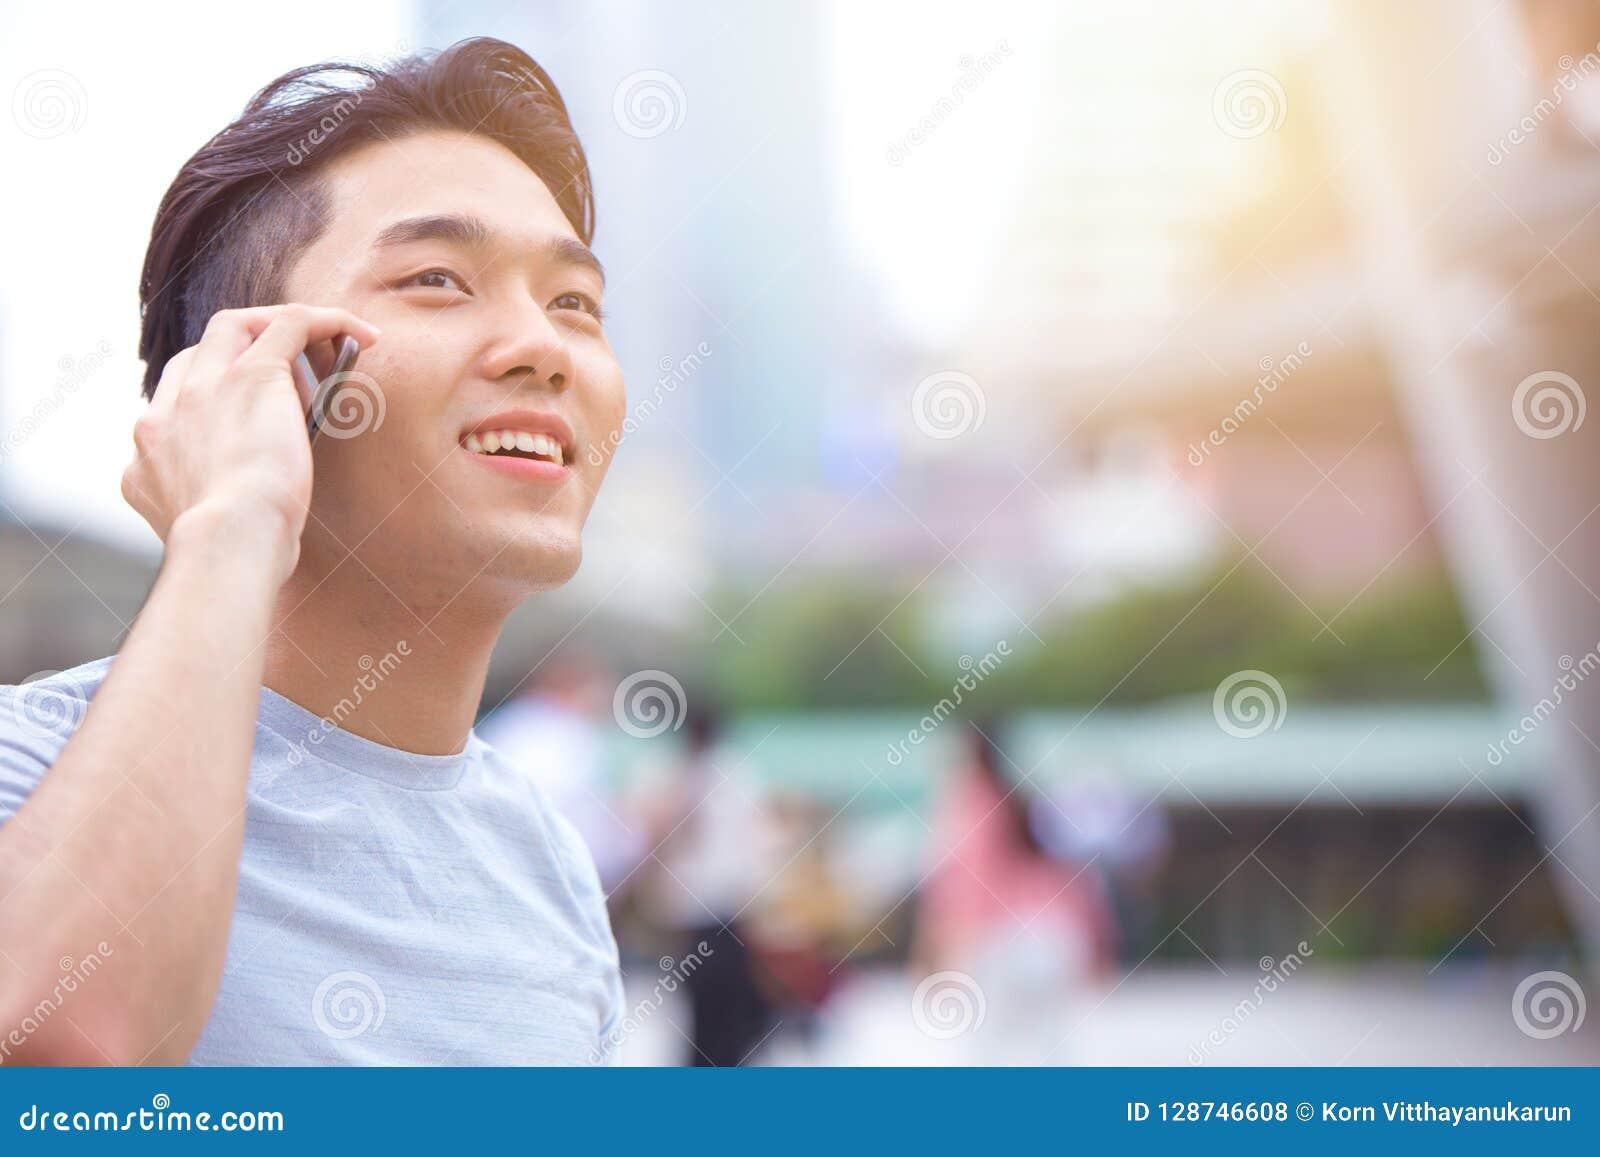 Llamada de teléfono de llamada adolescente masculina asiática elegante joven